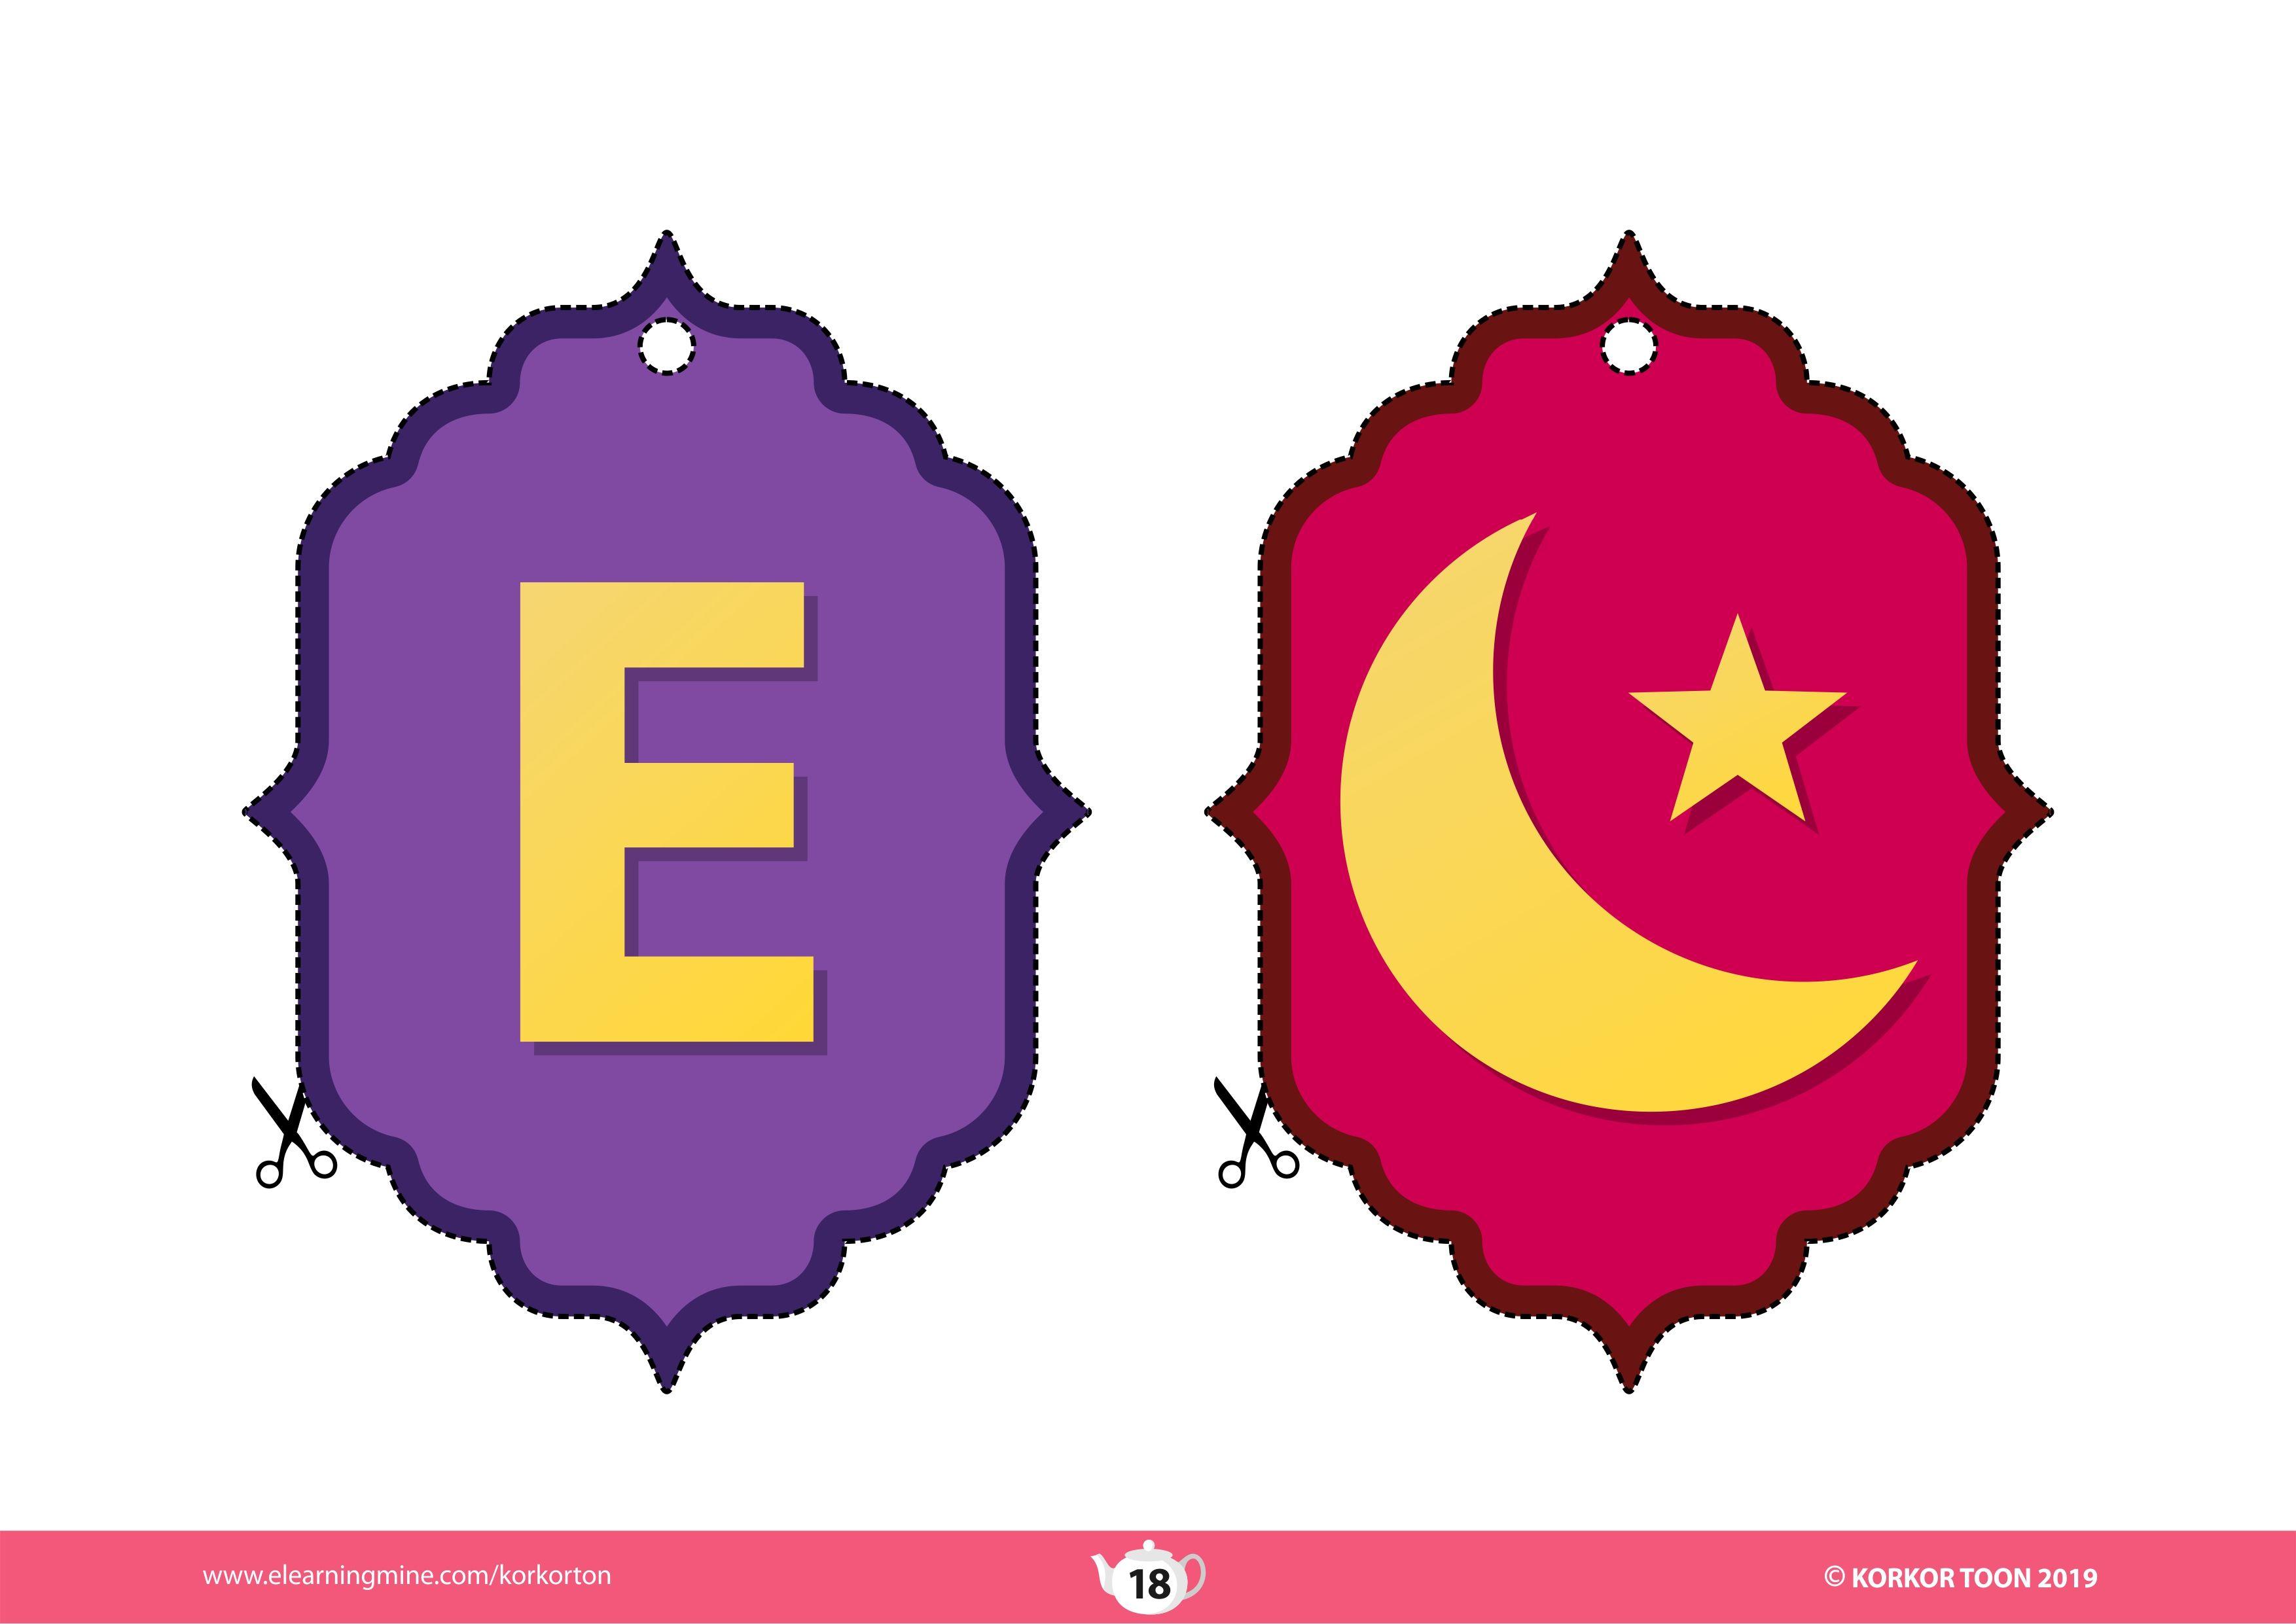 زينة رمضان جاهزة للطباعة Printable Ramadan Decoration Ramadan Decorations Ramadan Lantern Animal Illustration